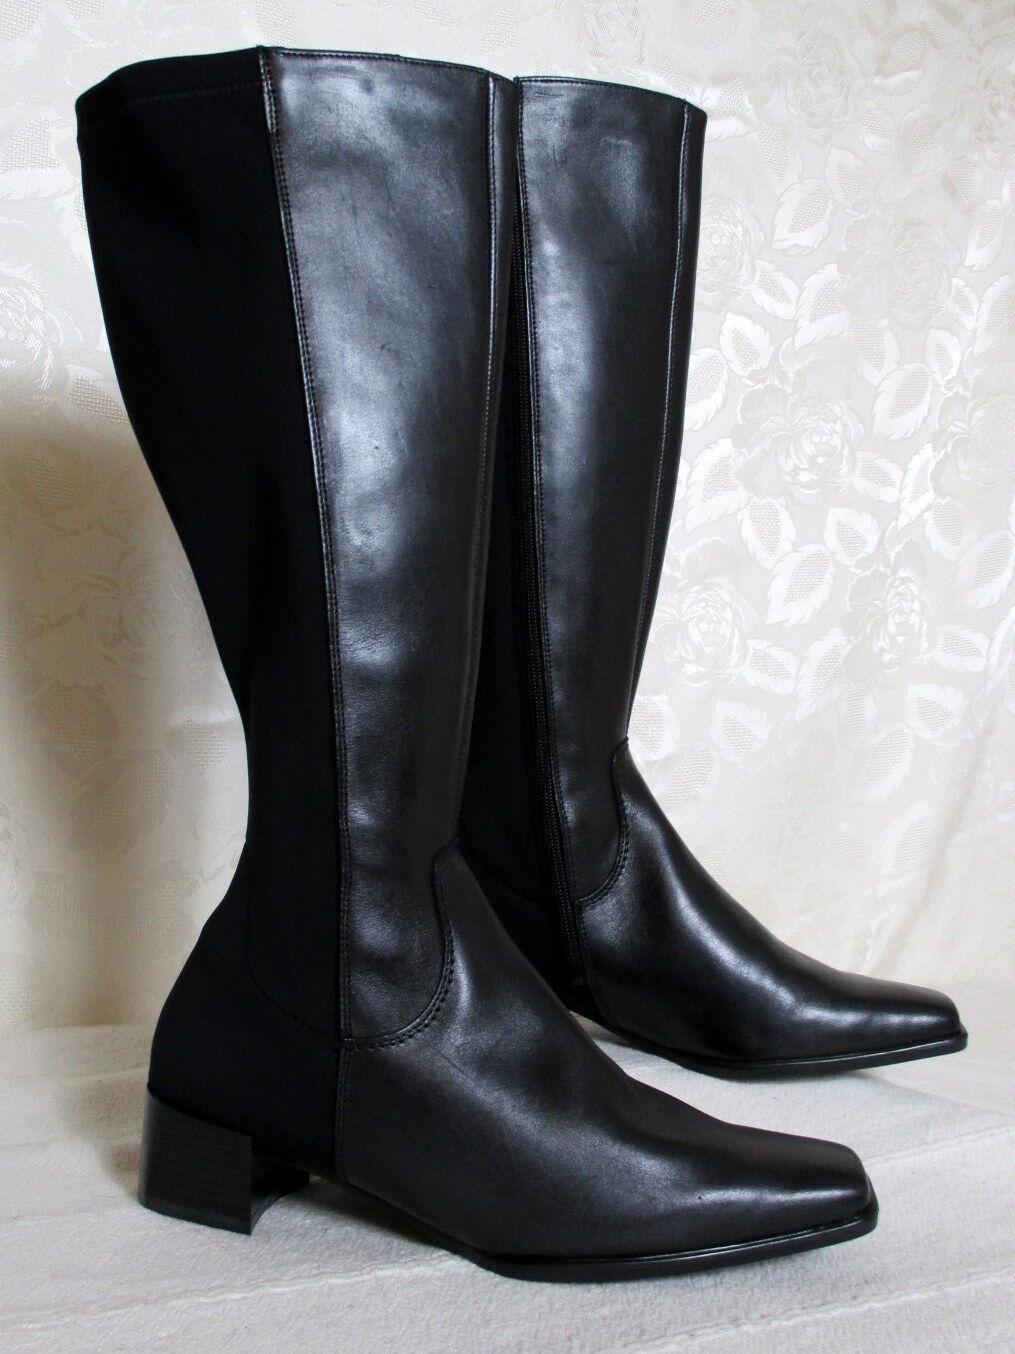 Weitschaft Leder Stiefel Größe 37 DORNDORF Schwarz